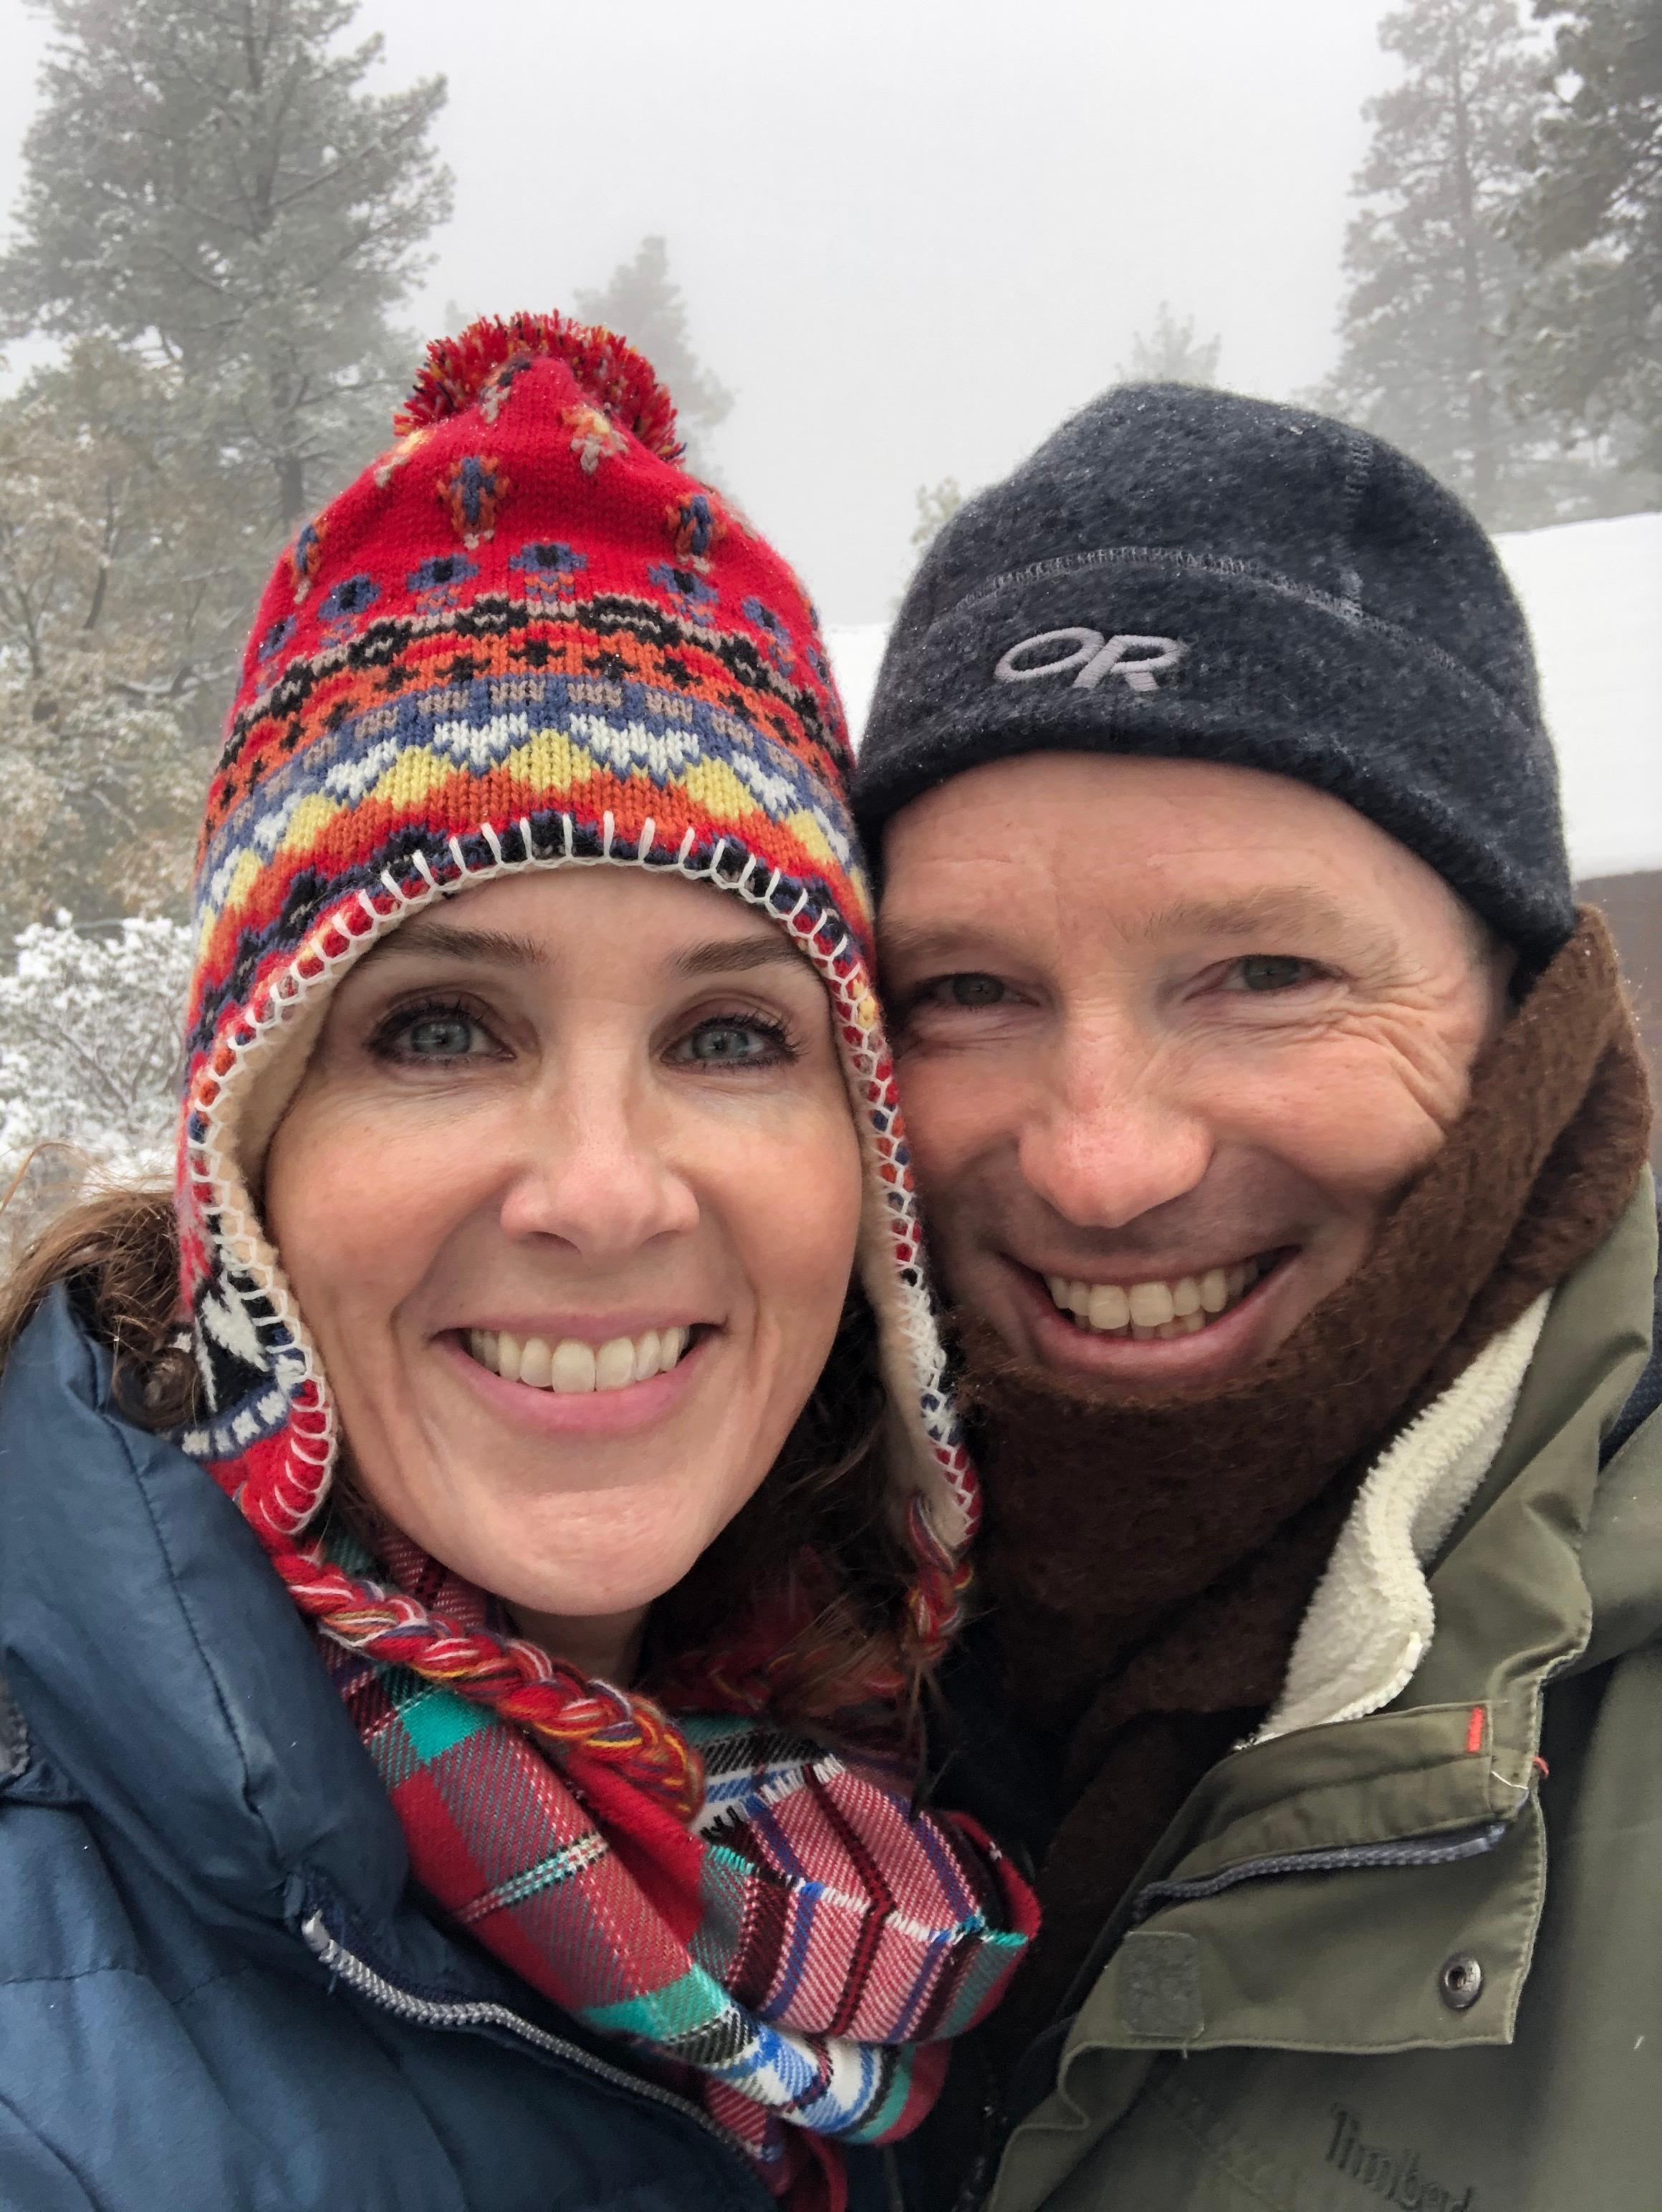 Andrew and Marya Nov 2020